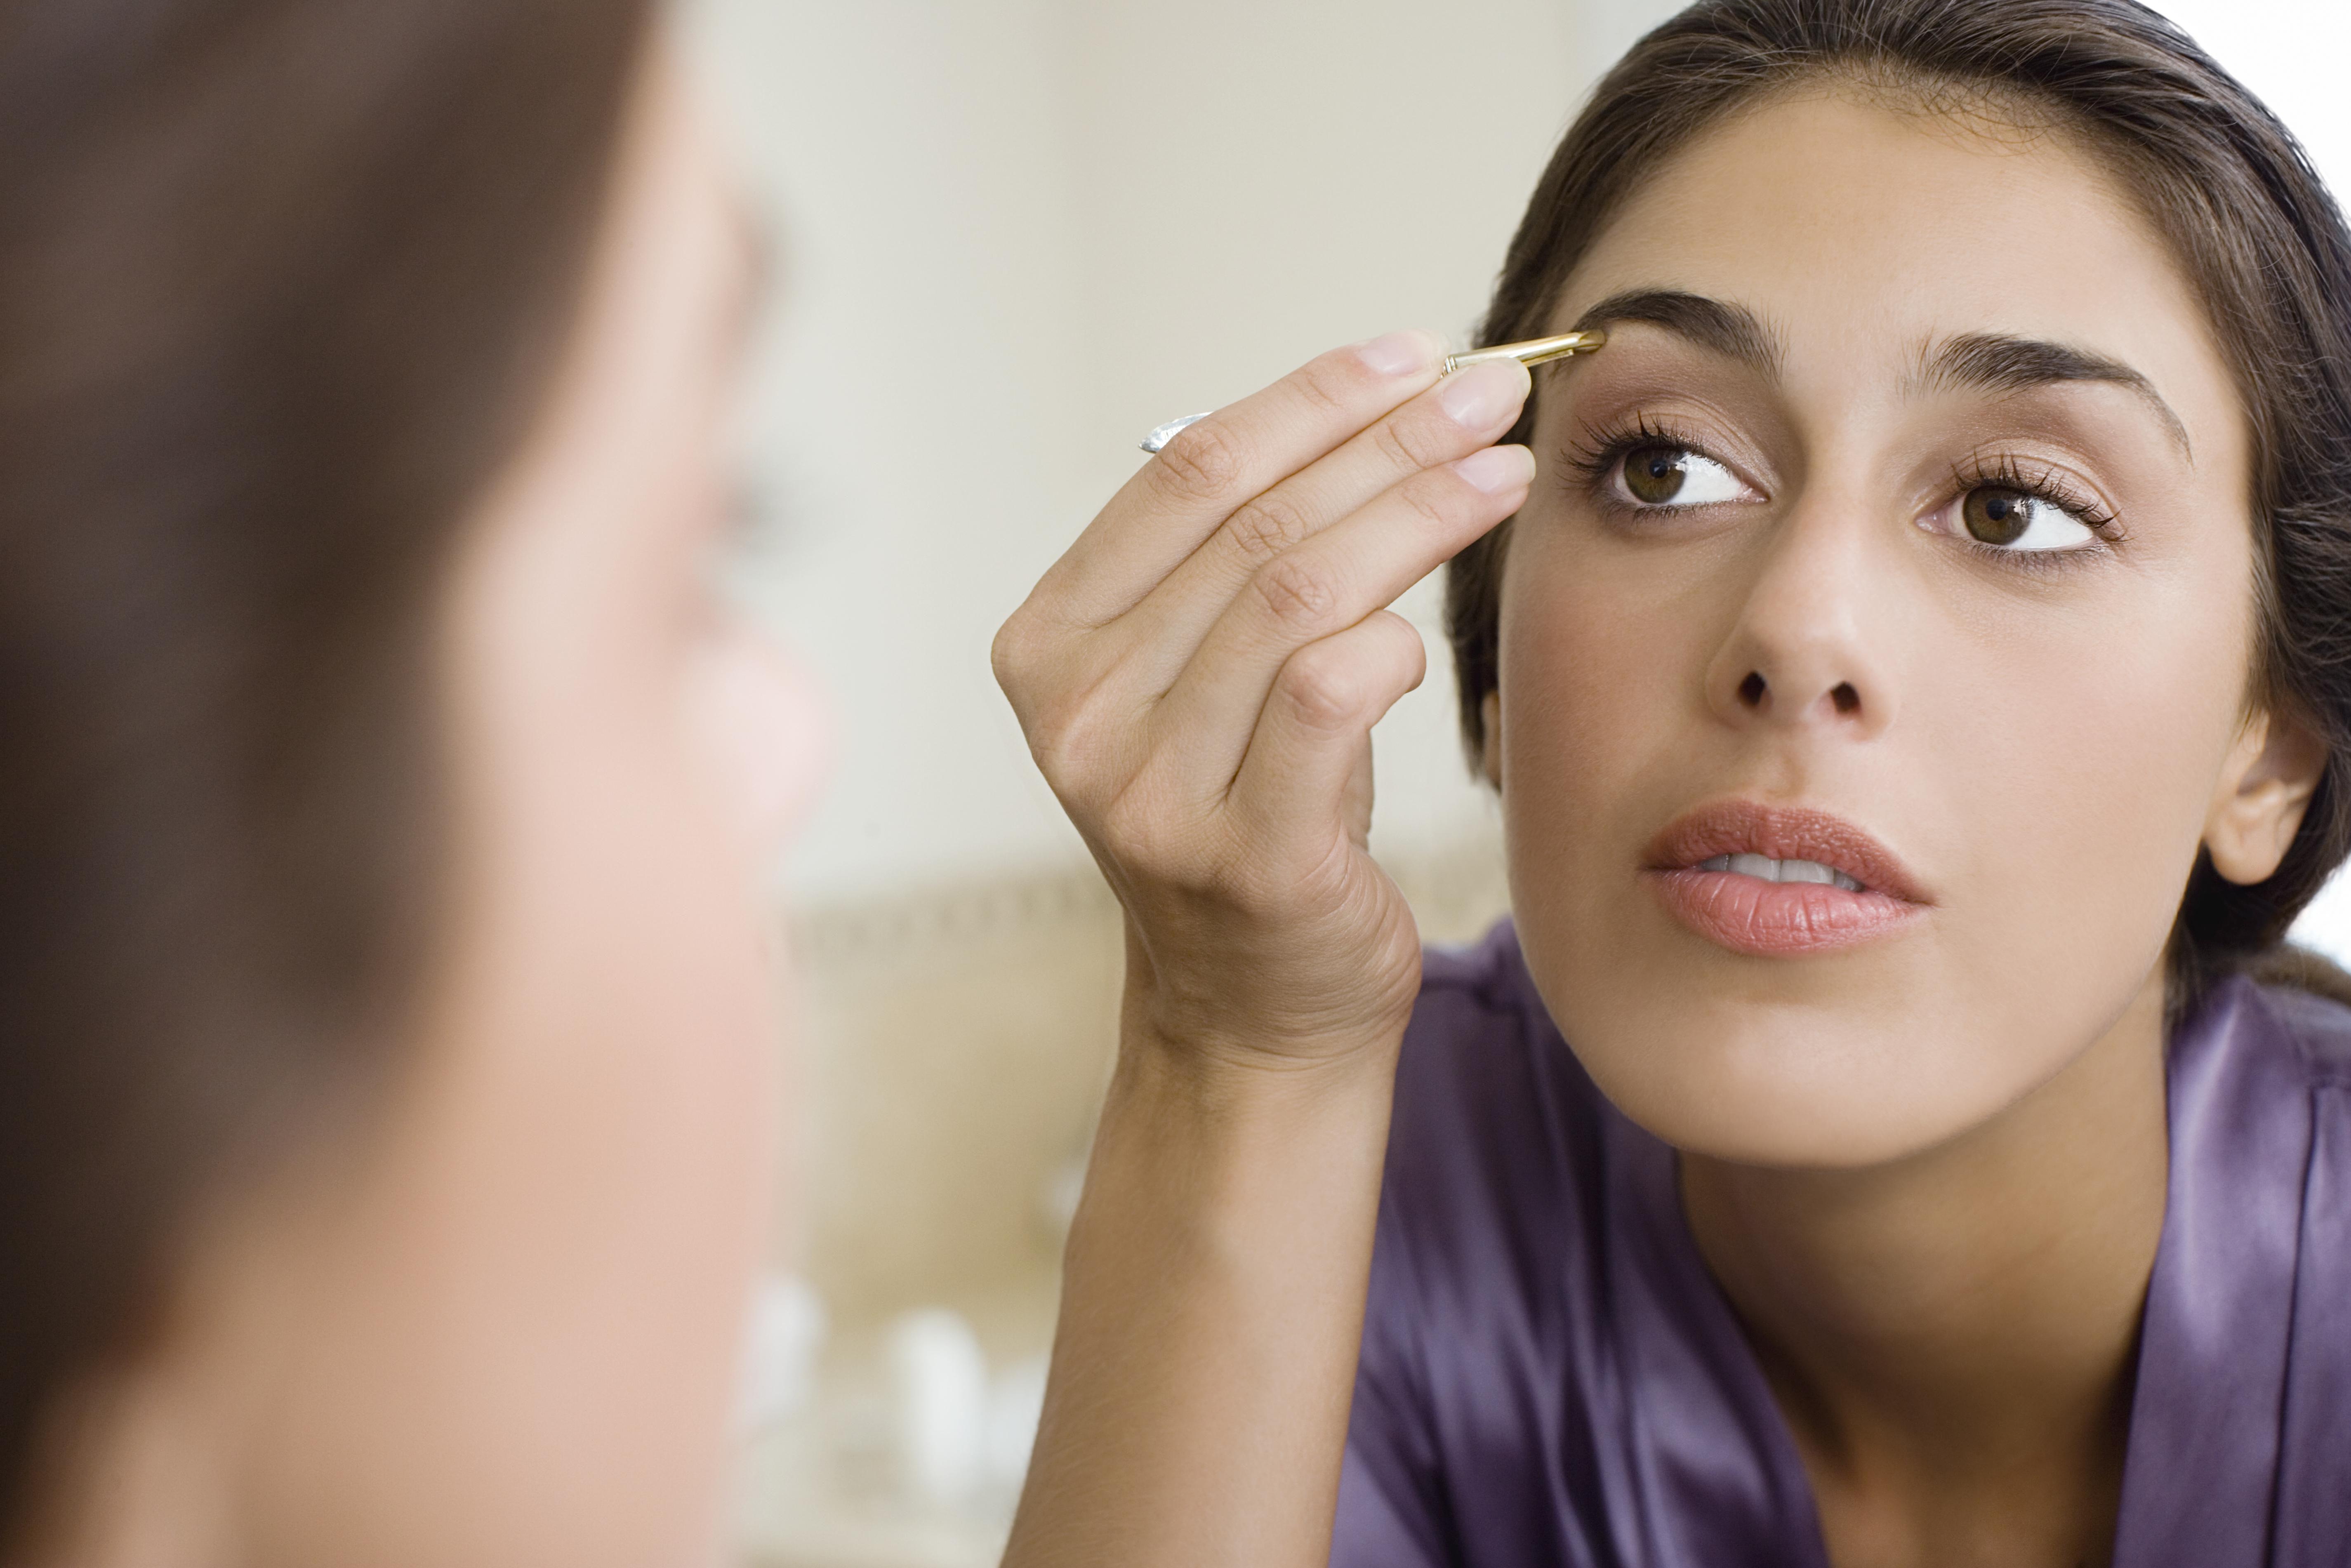 How to Tweeze Your Eyebrows With Tweezers